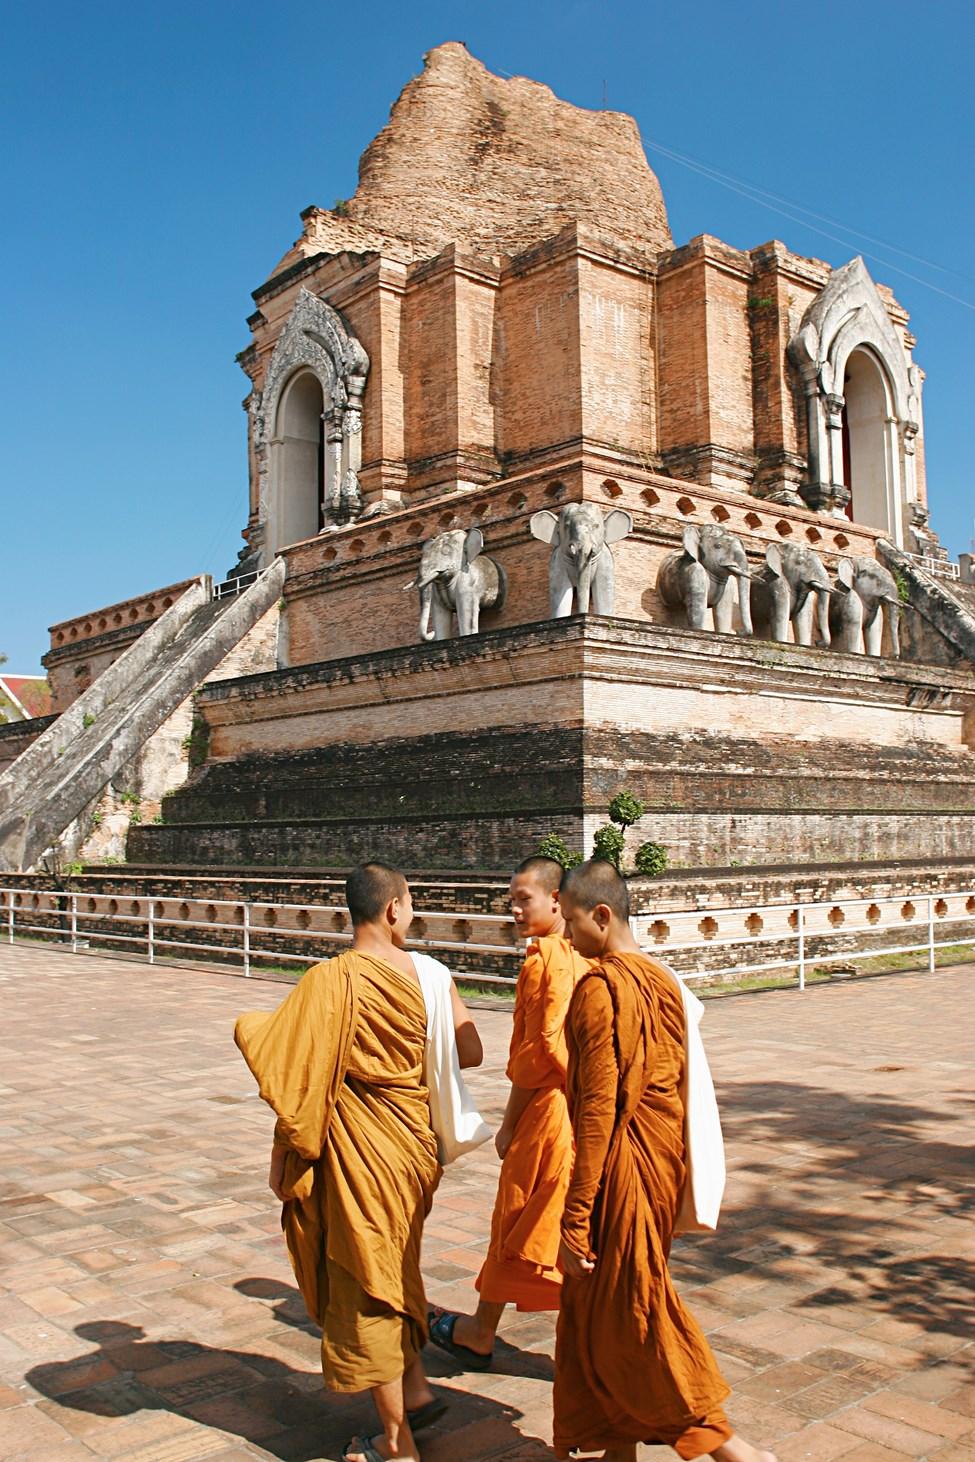 Chedi Luang Temple, Chiang Mai